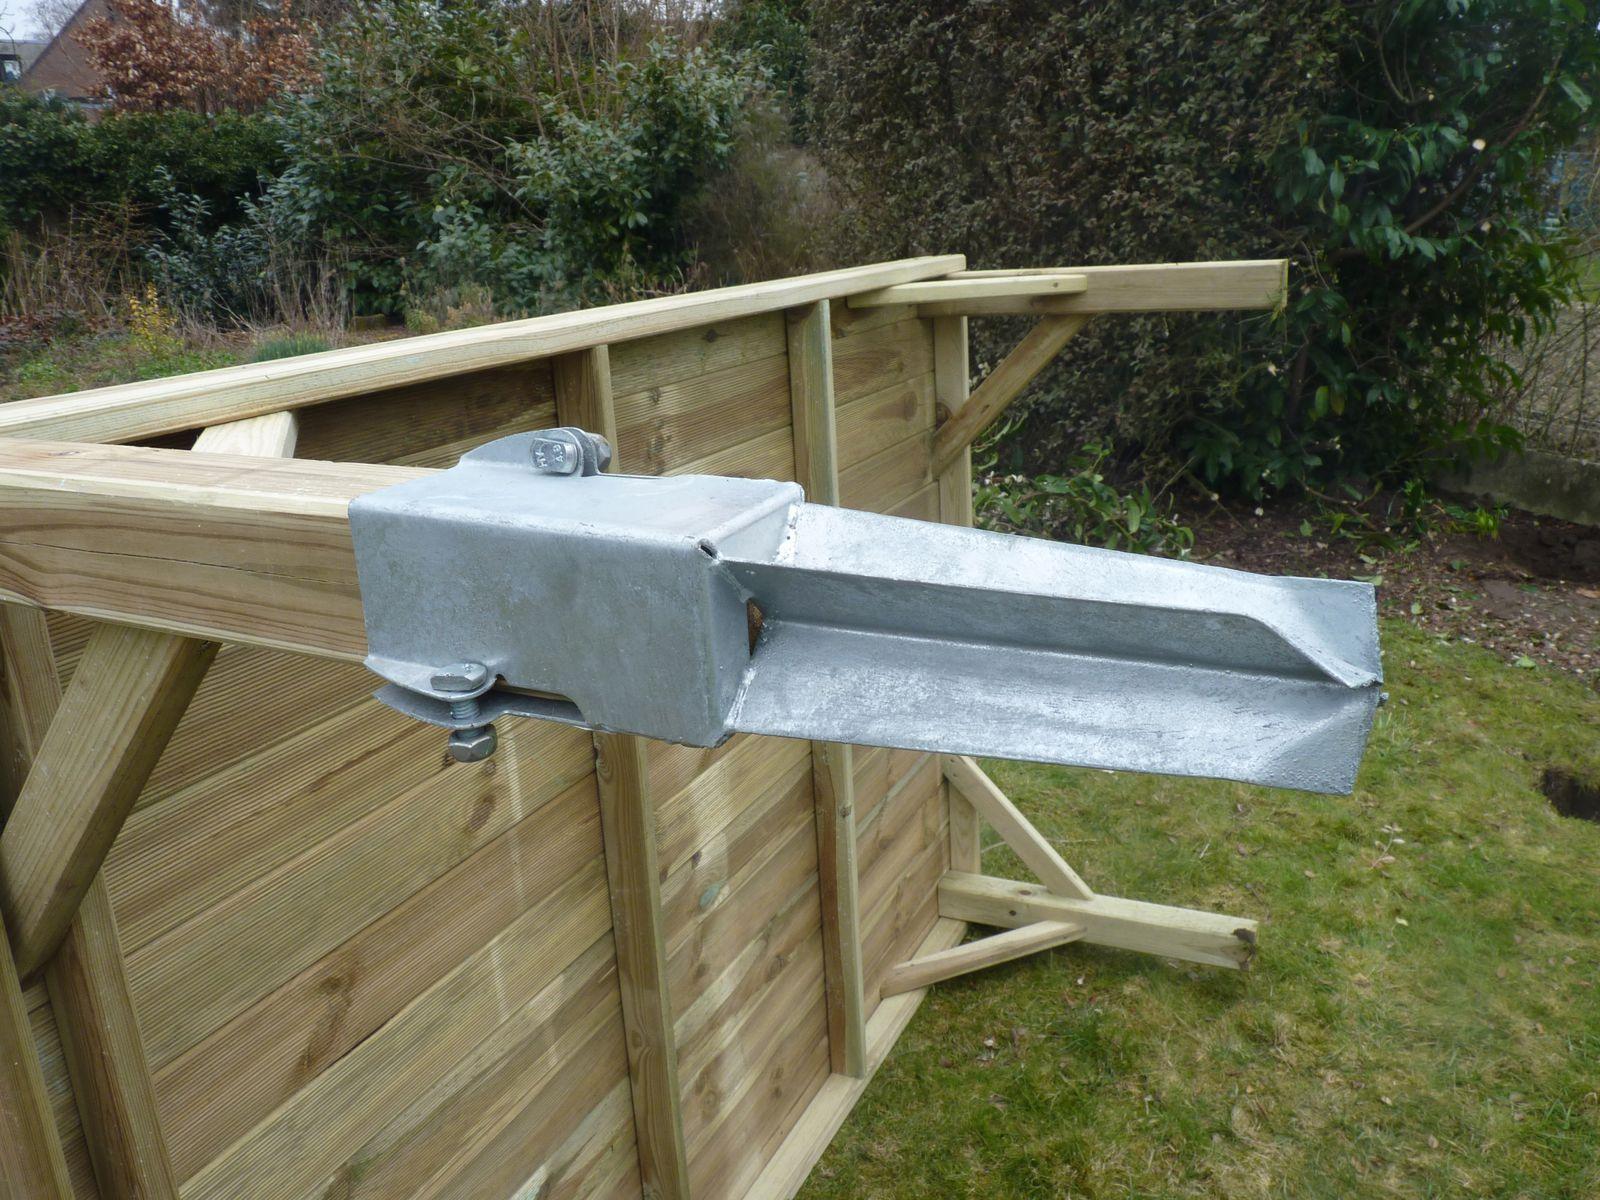 Sur Quoi Poser Un Abri De Jardin etapes photos comment monter 1 cabane en bois sur pilotis